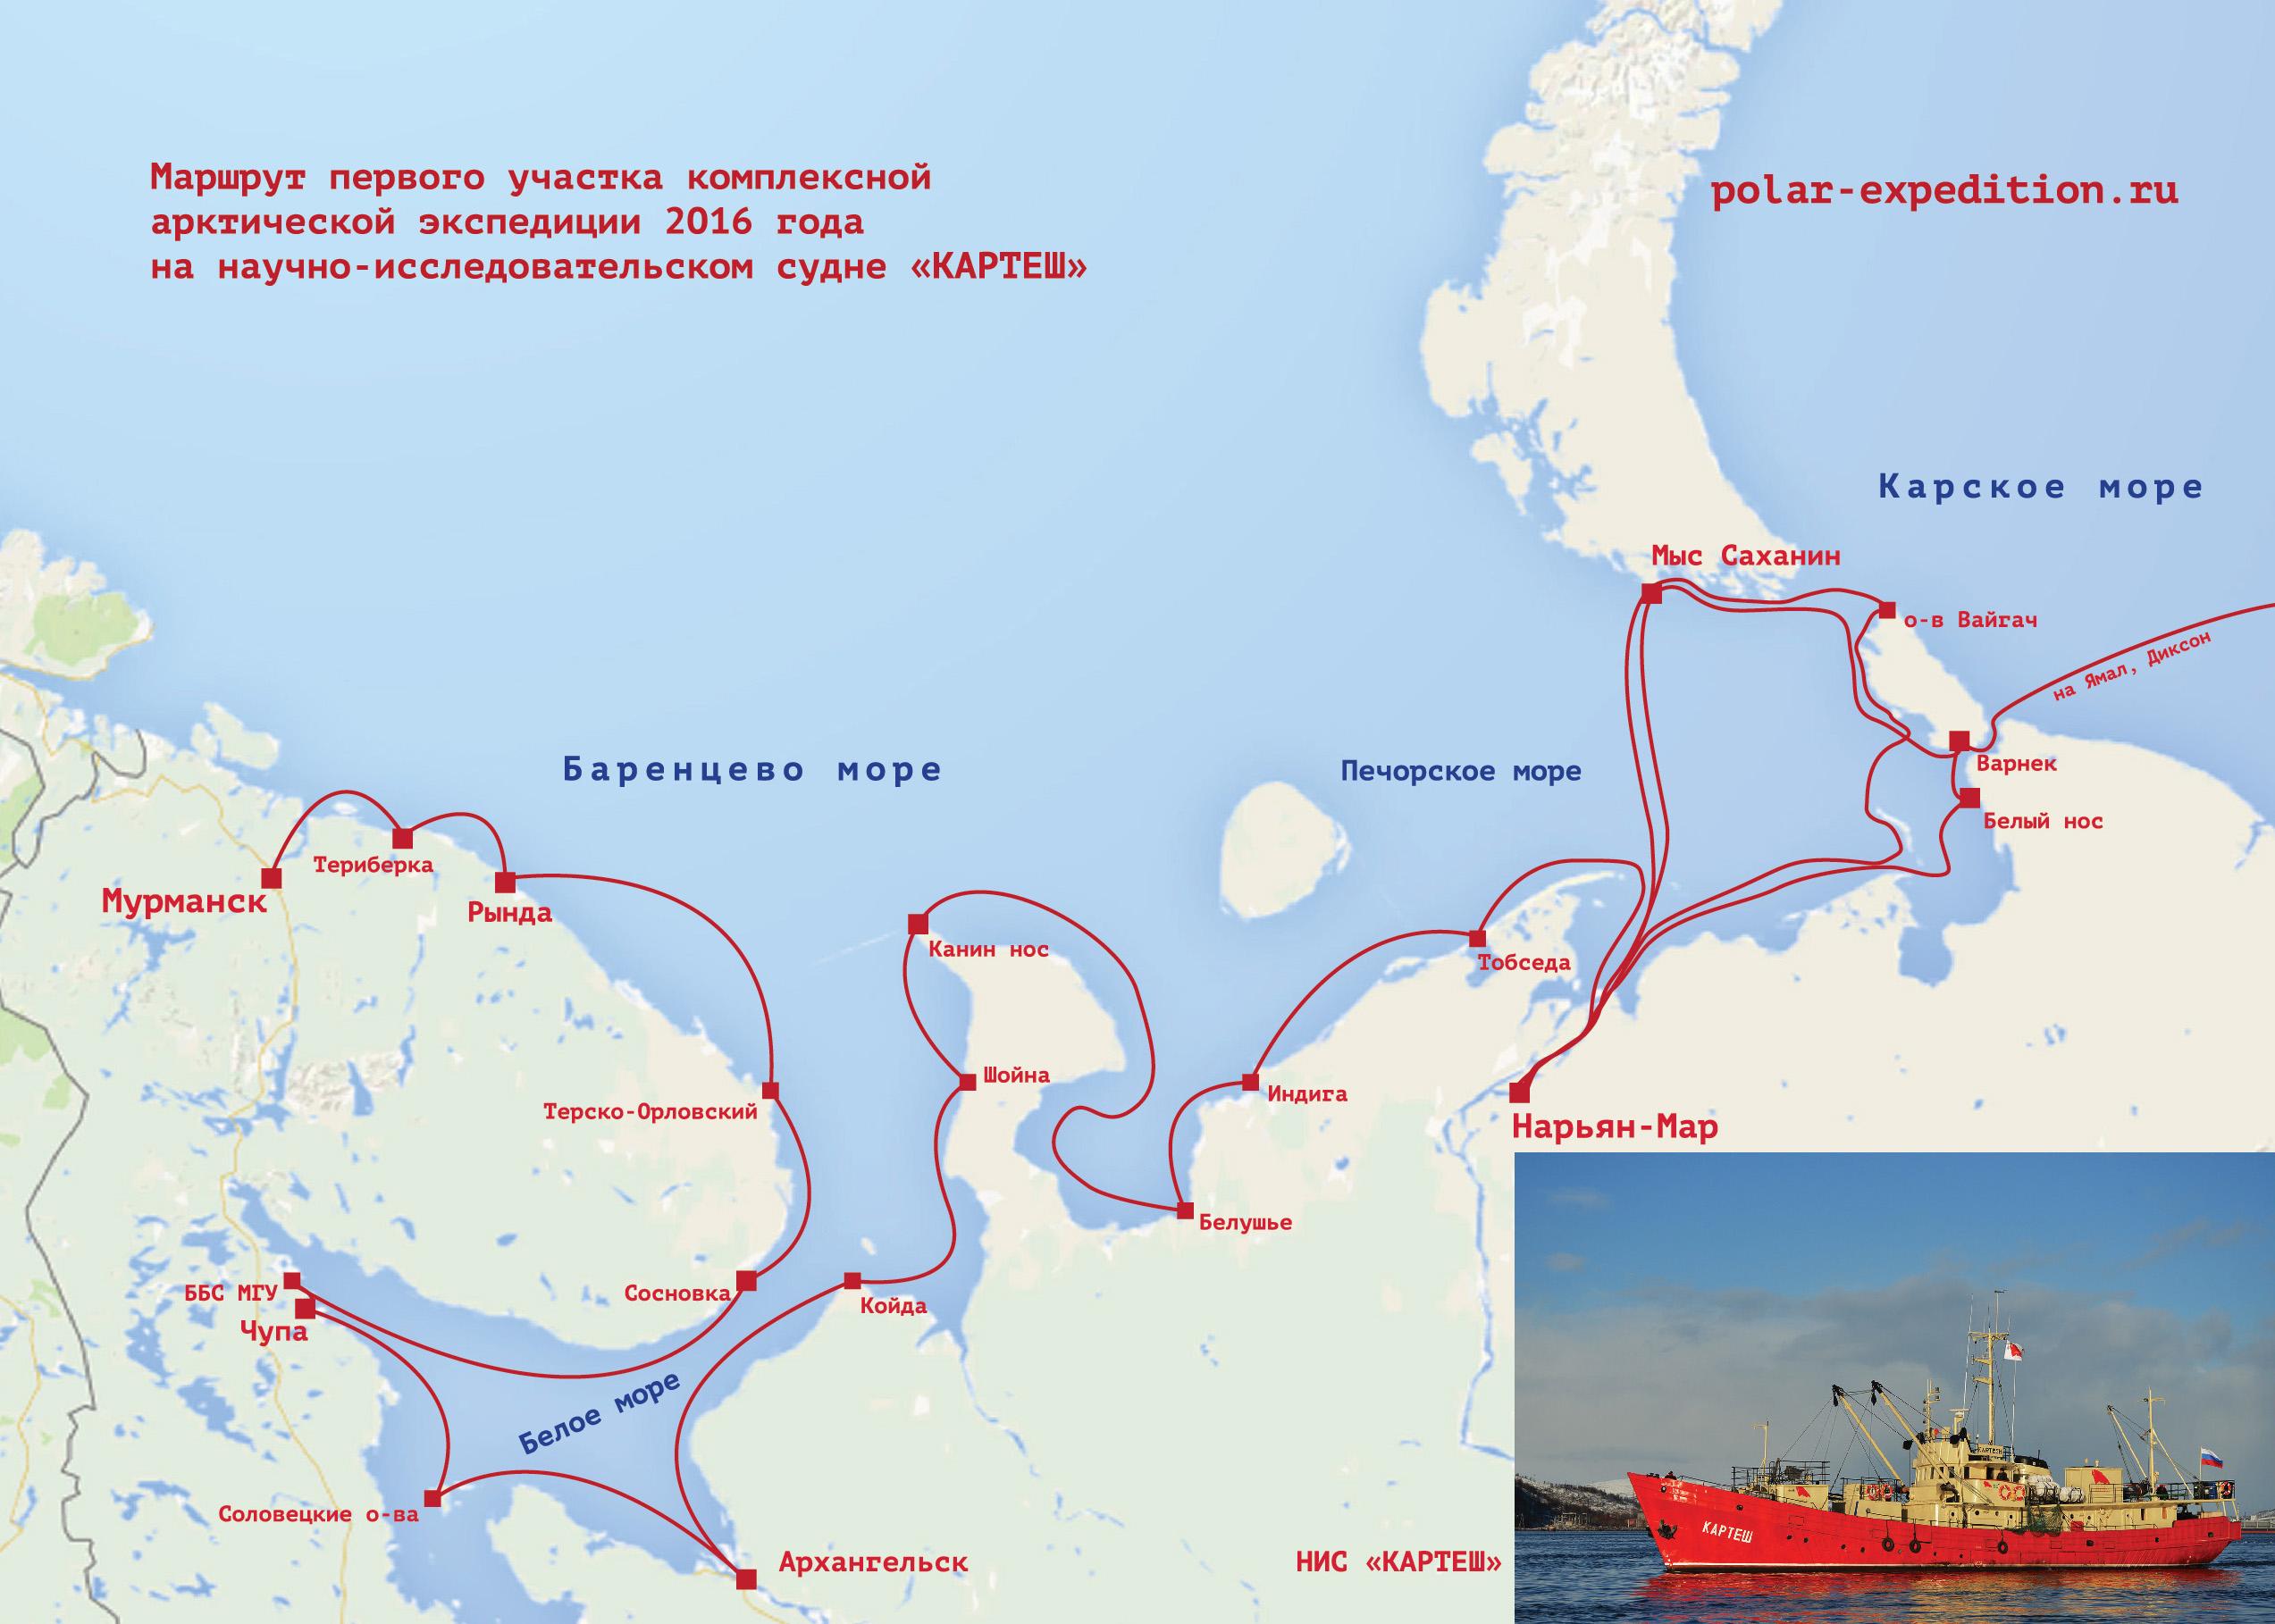 Карта_2016_первой части экспедиции